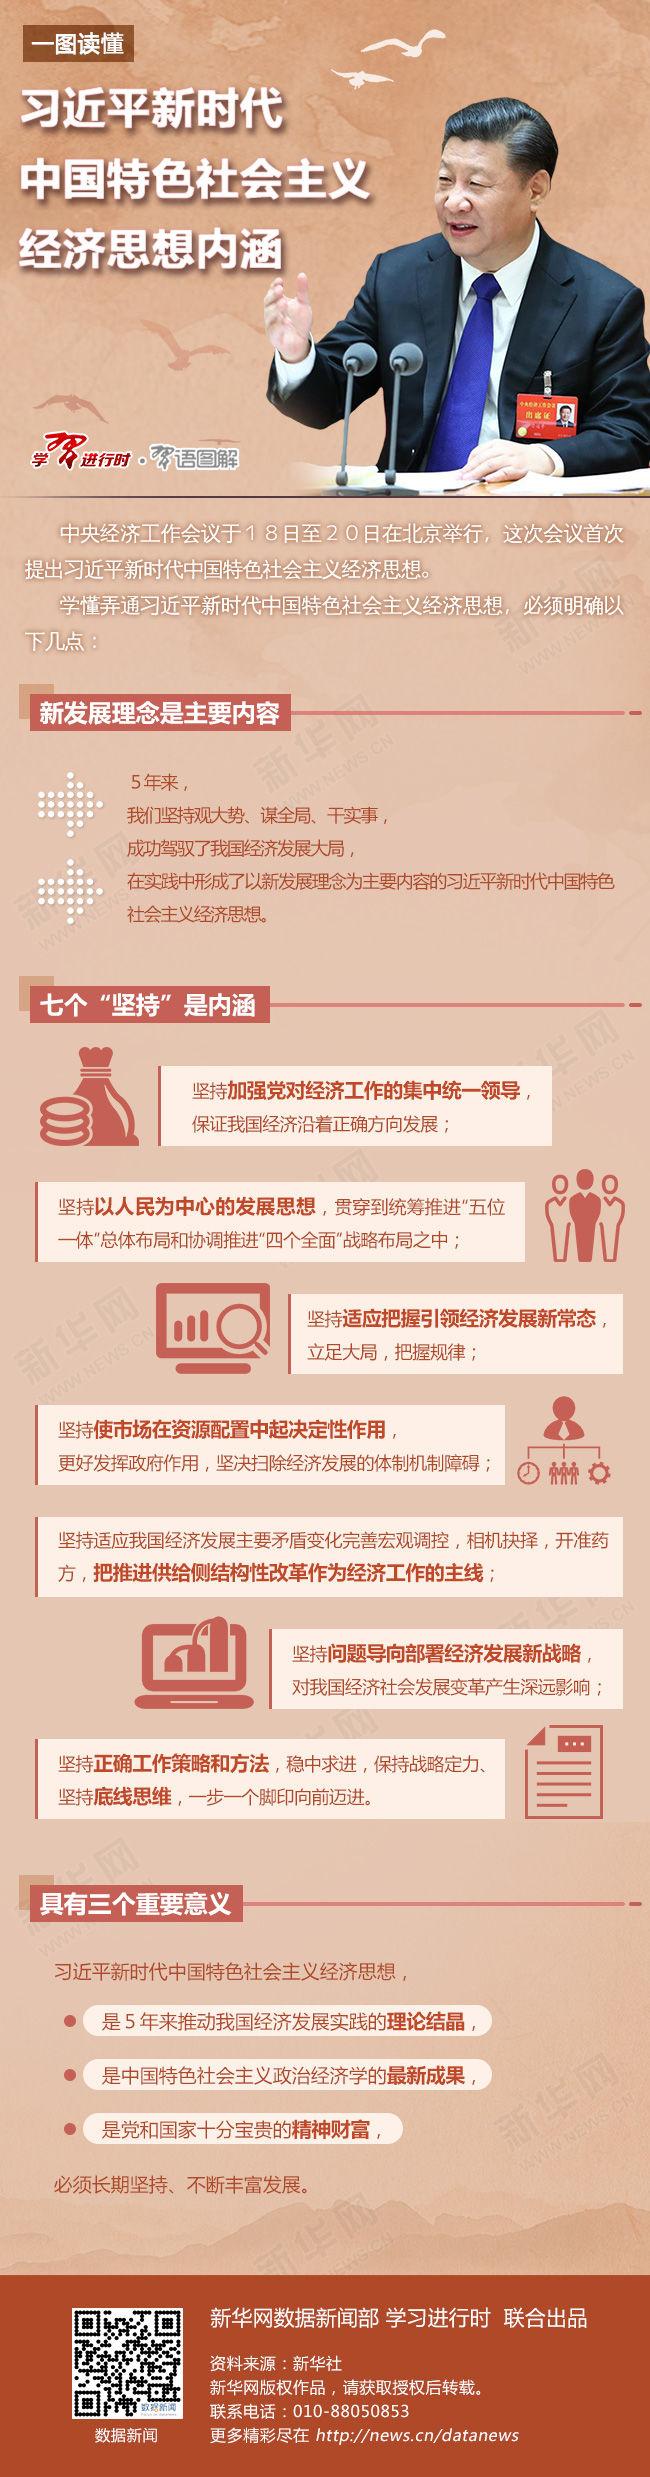 一图读懂习近平新时代中国特色社会